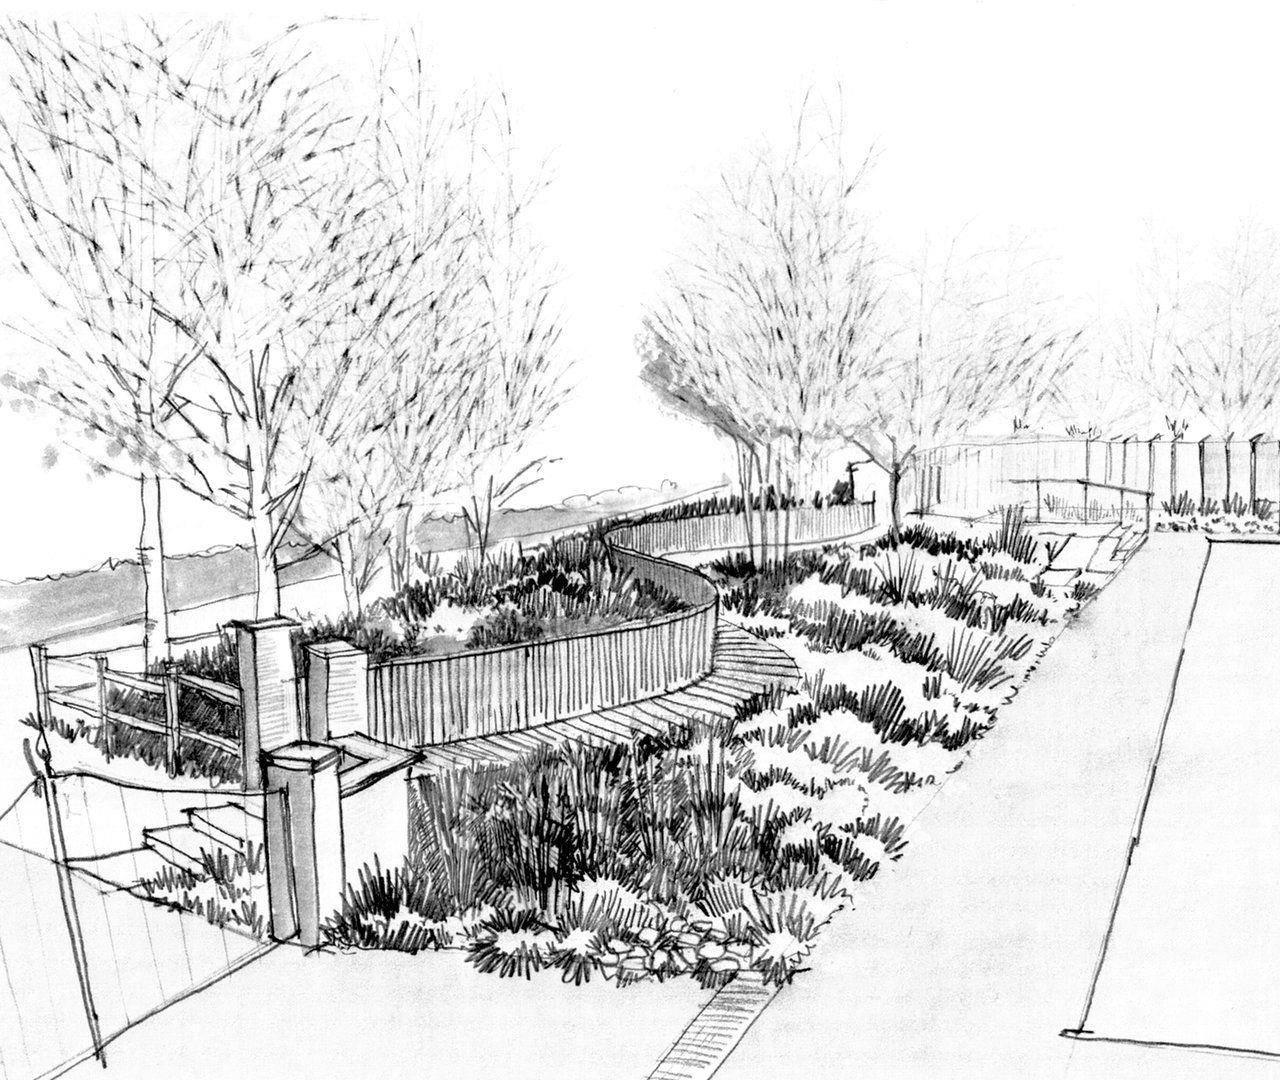 landscape architect brighton